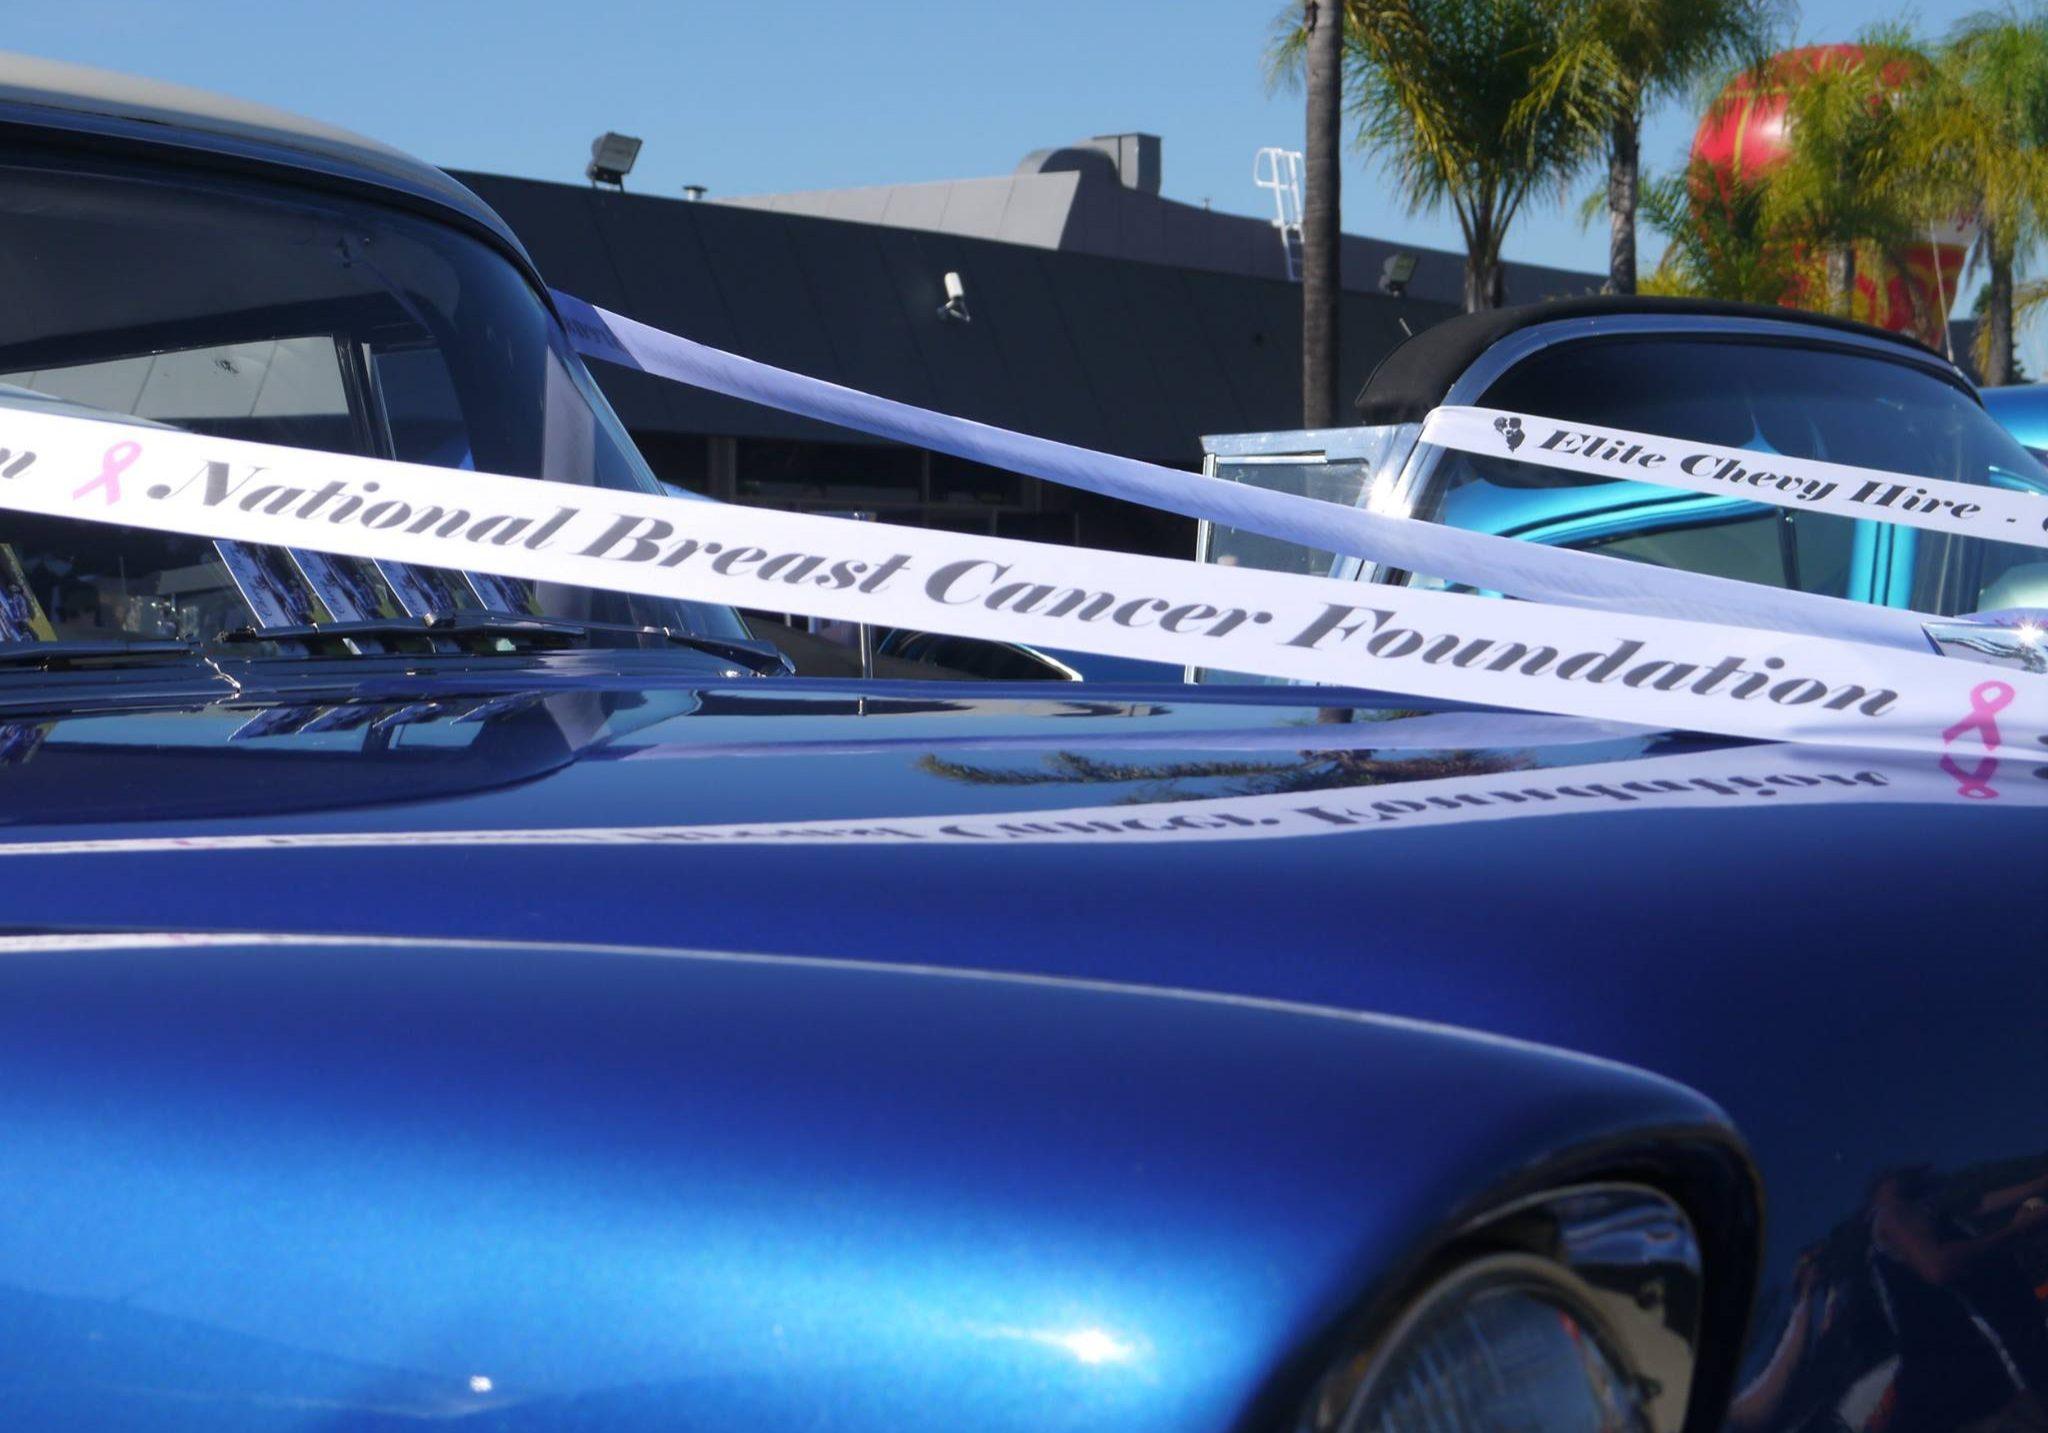 Classic Car Hire Sydney Elite Chevy Hire